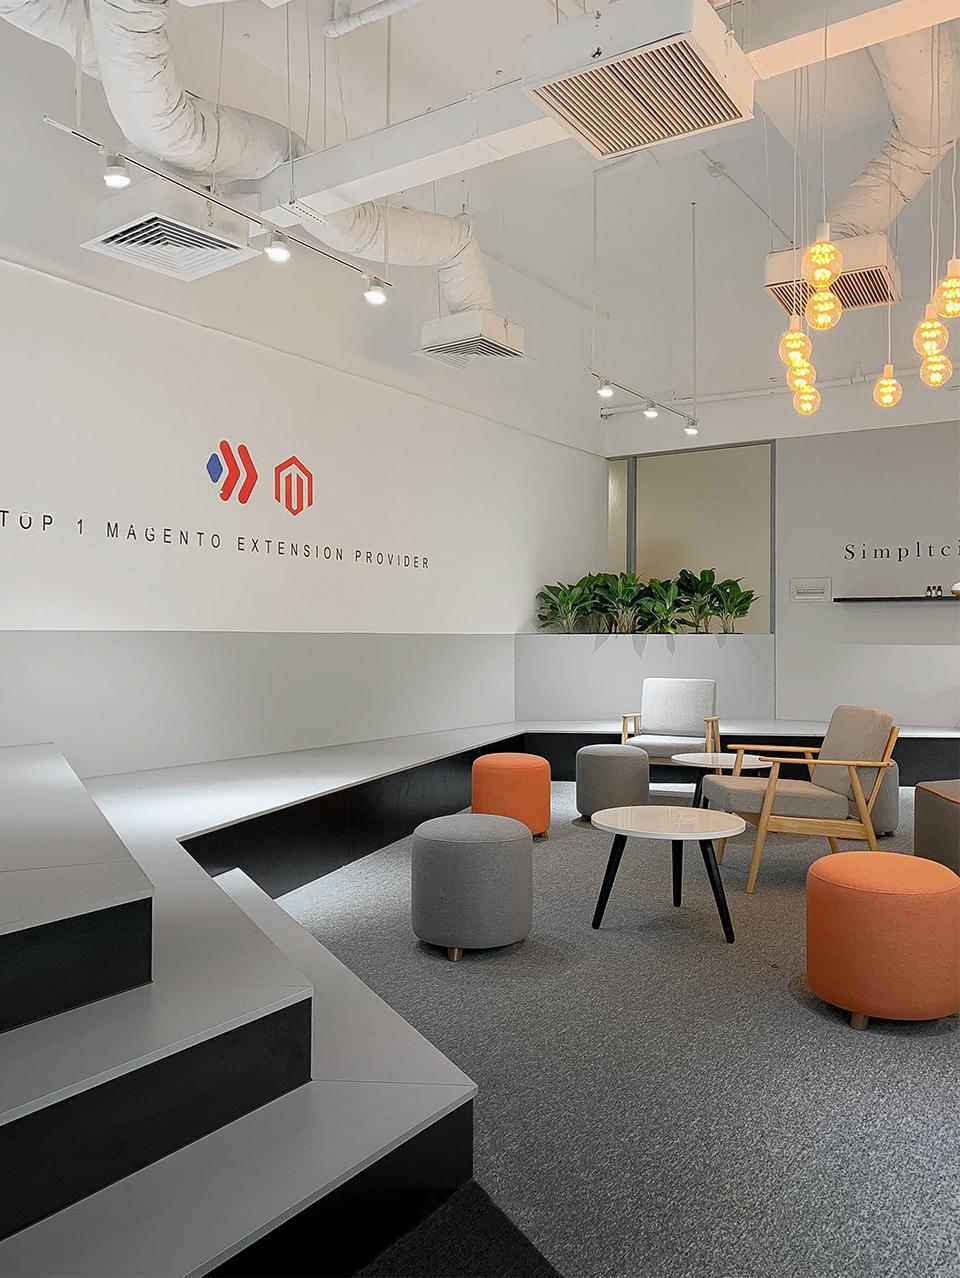 Thiết kế văn phòng công nghệ Magezon với phong cách công viên chức năng thu nhỏ